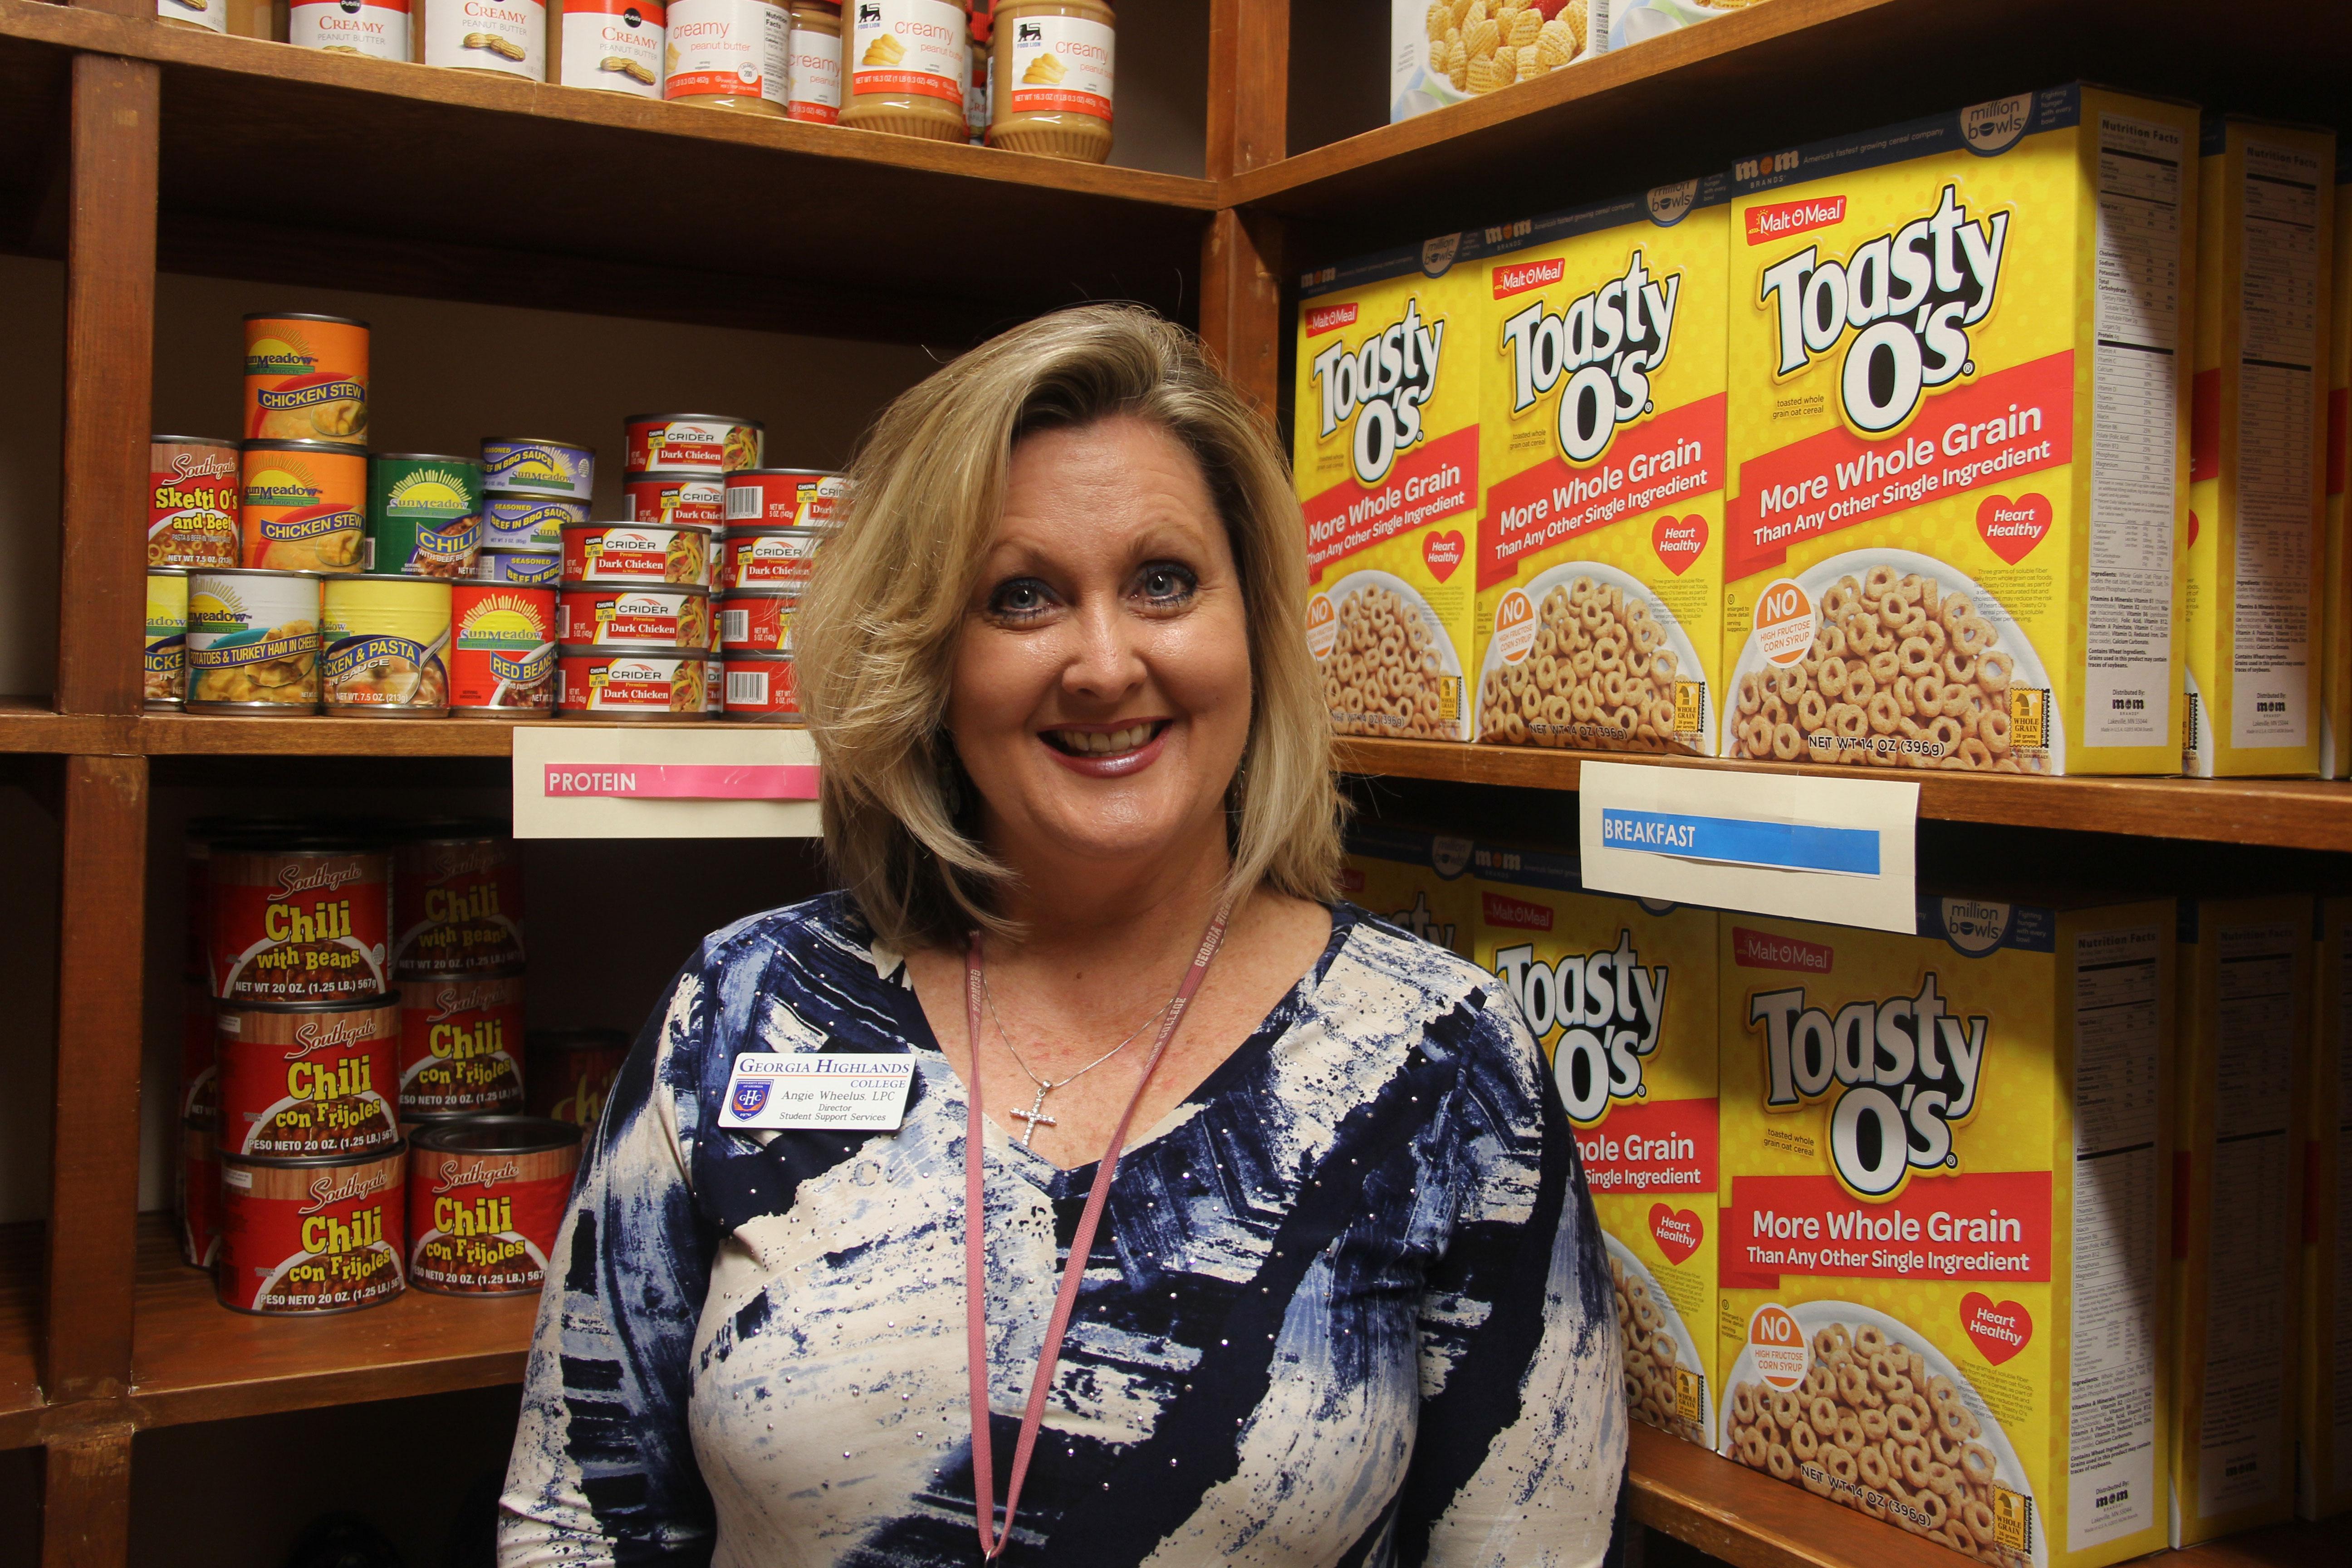 SSS member standing in food pantry